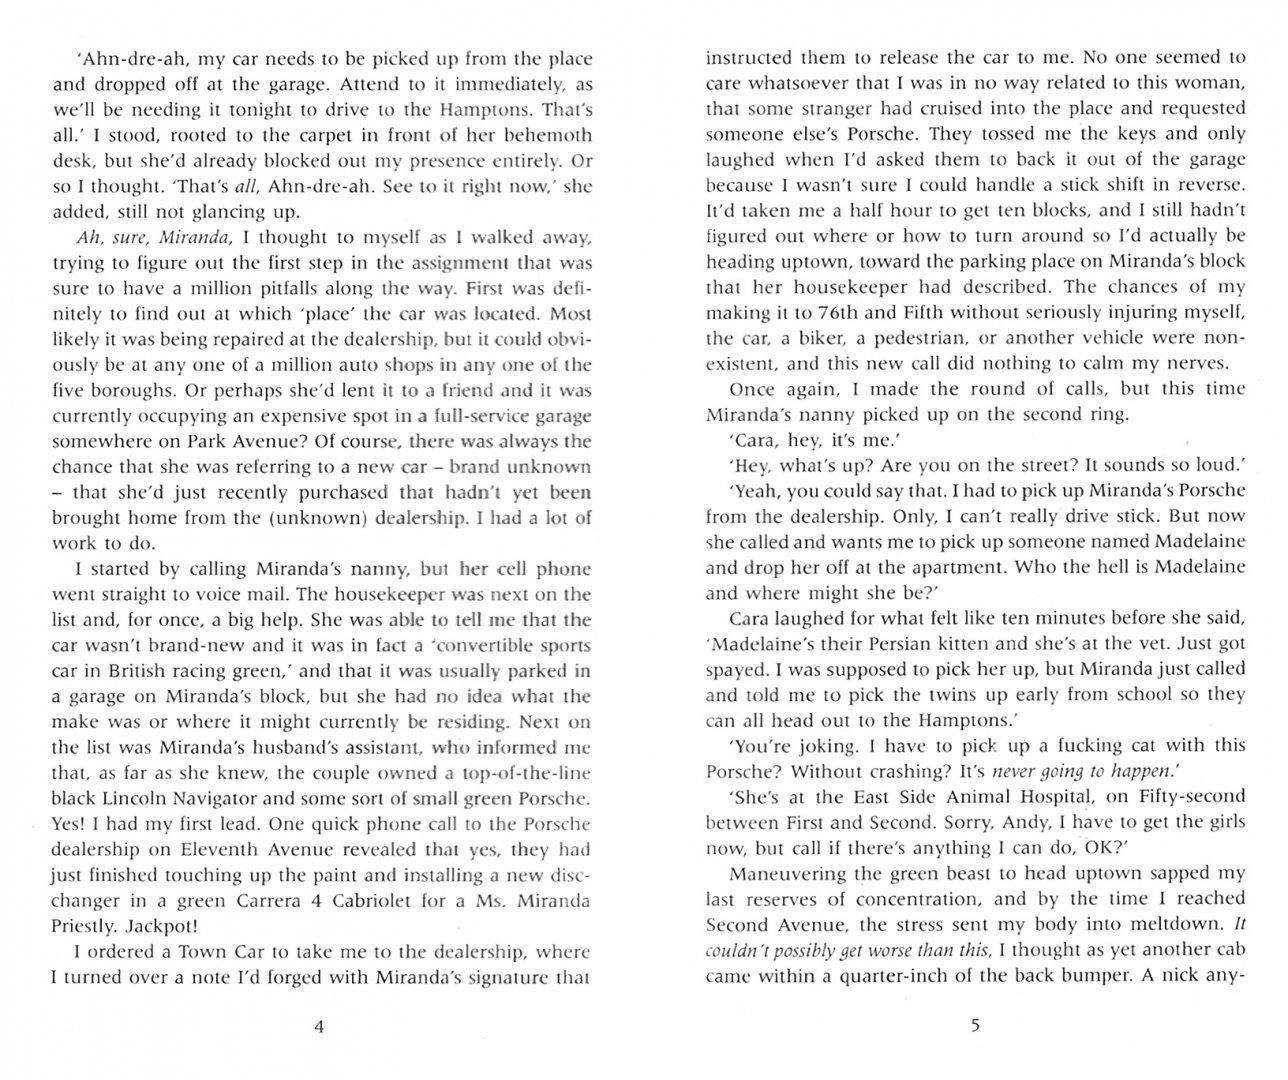 Иллюстрация 1 из 6 для The Devil Wears Prada - Lauren Weisberger | Лабиринт - книги. Источник: Лабиринт